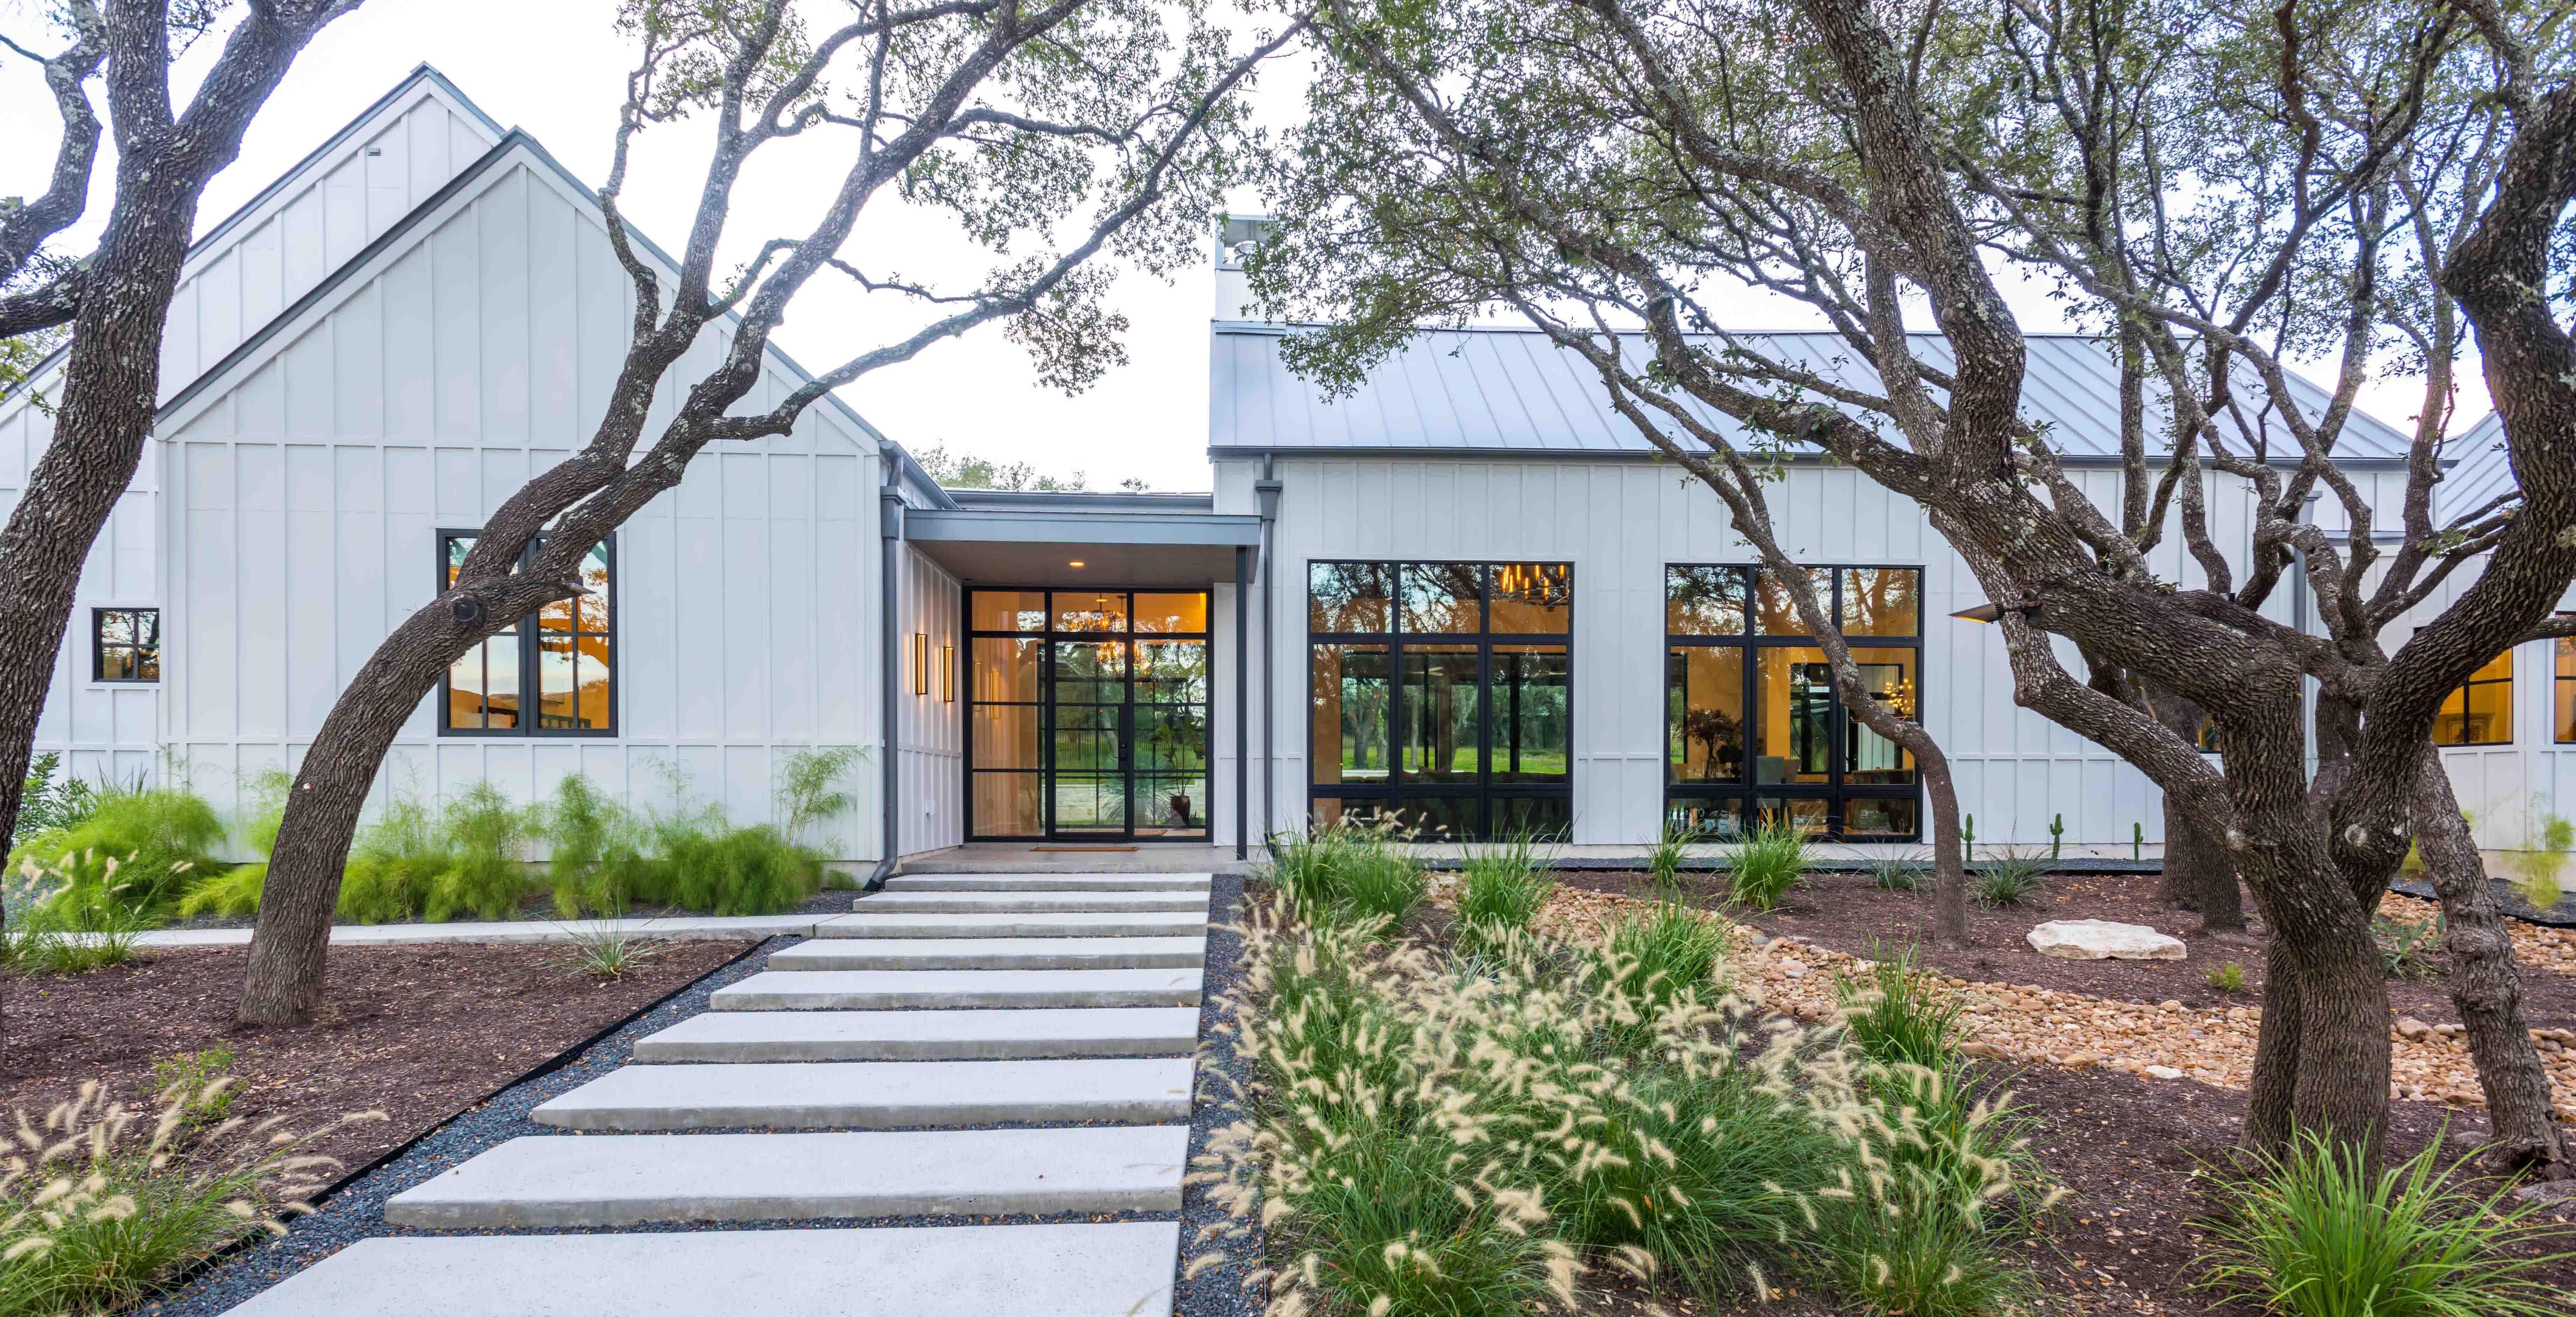 Modern Farmhouse _Transitional Farmhouse | Geschke | Tiny house ...